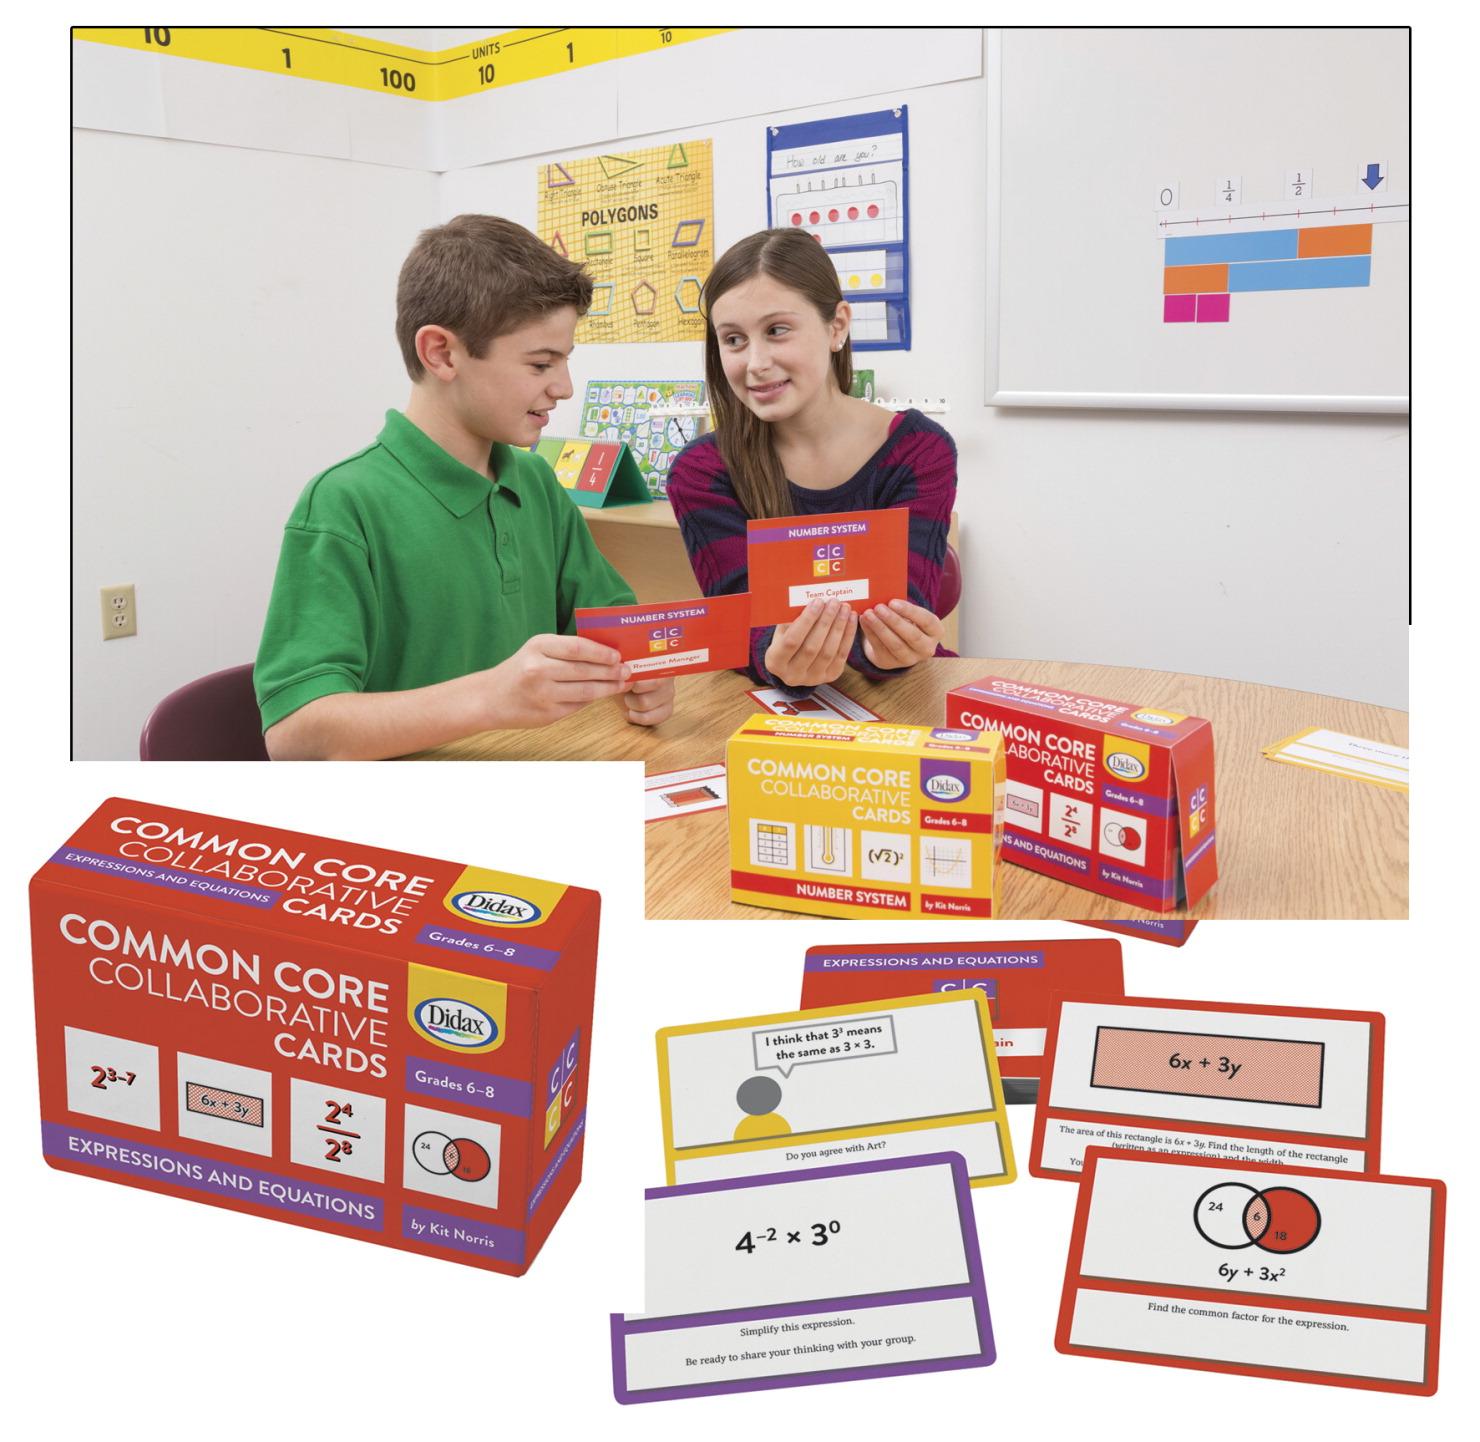 Collaborative Classroom Store : Collaborative card classroom direct